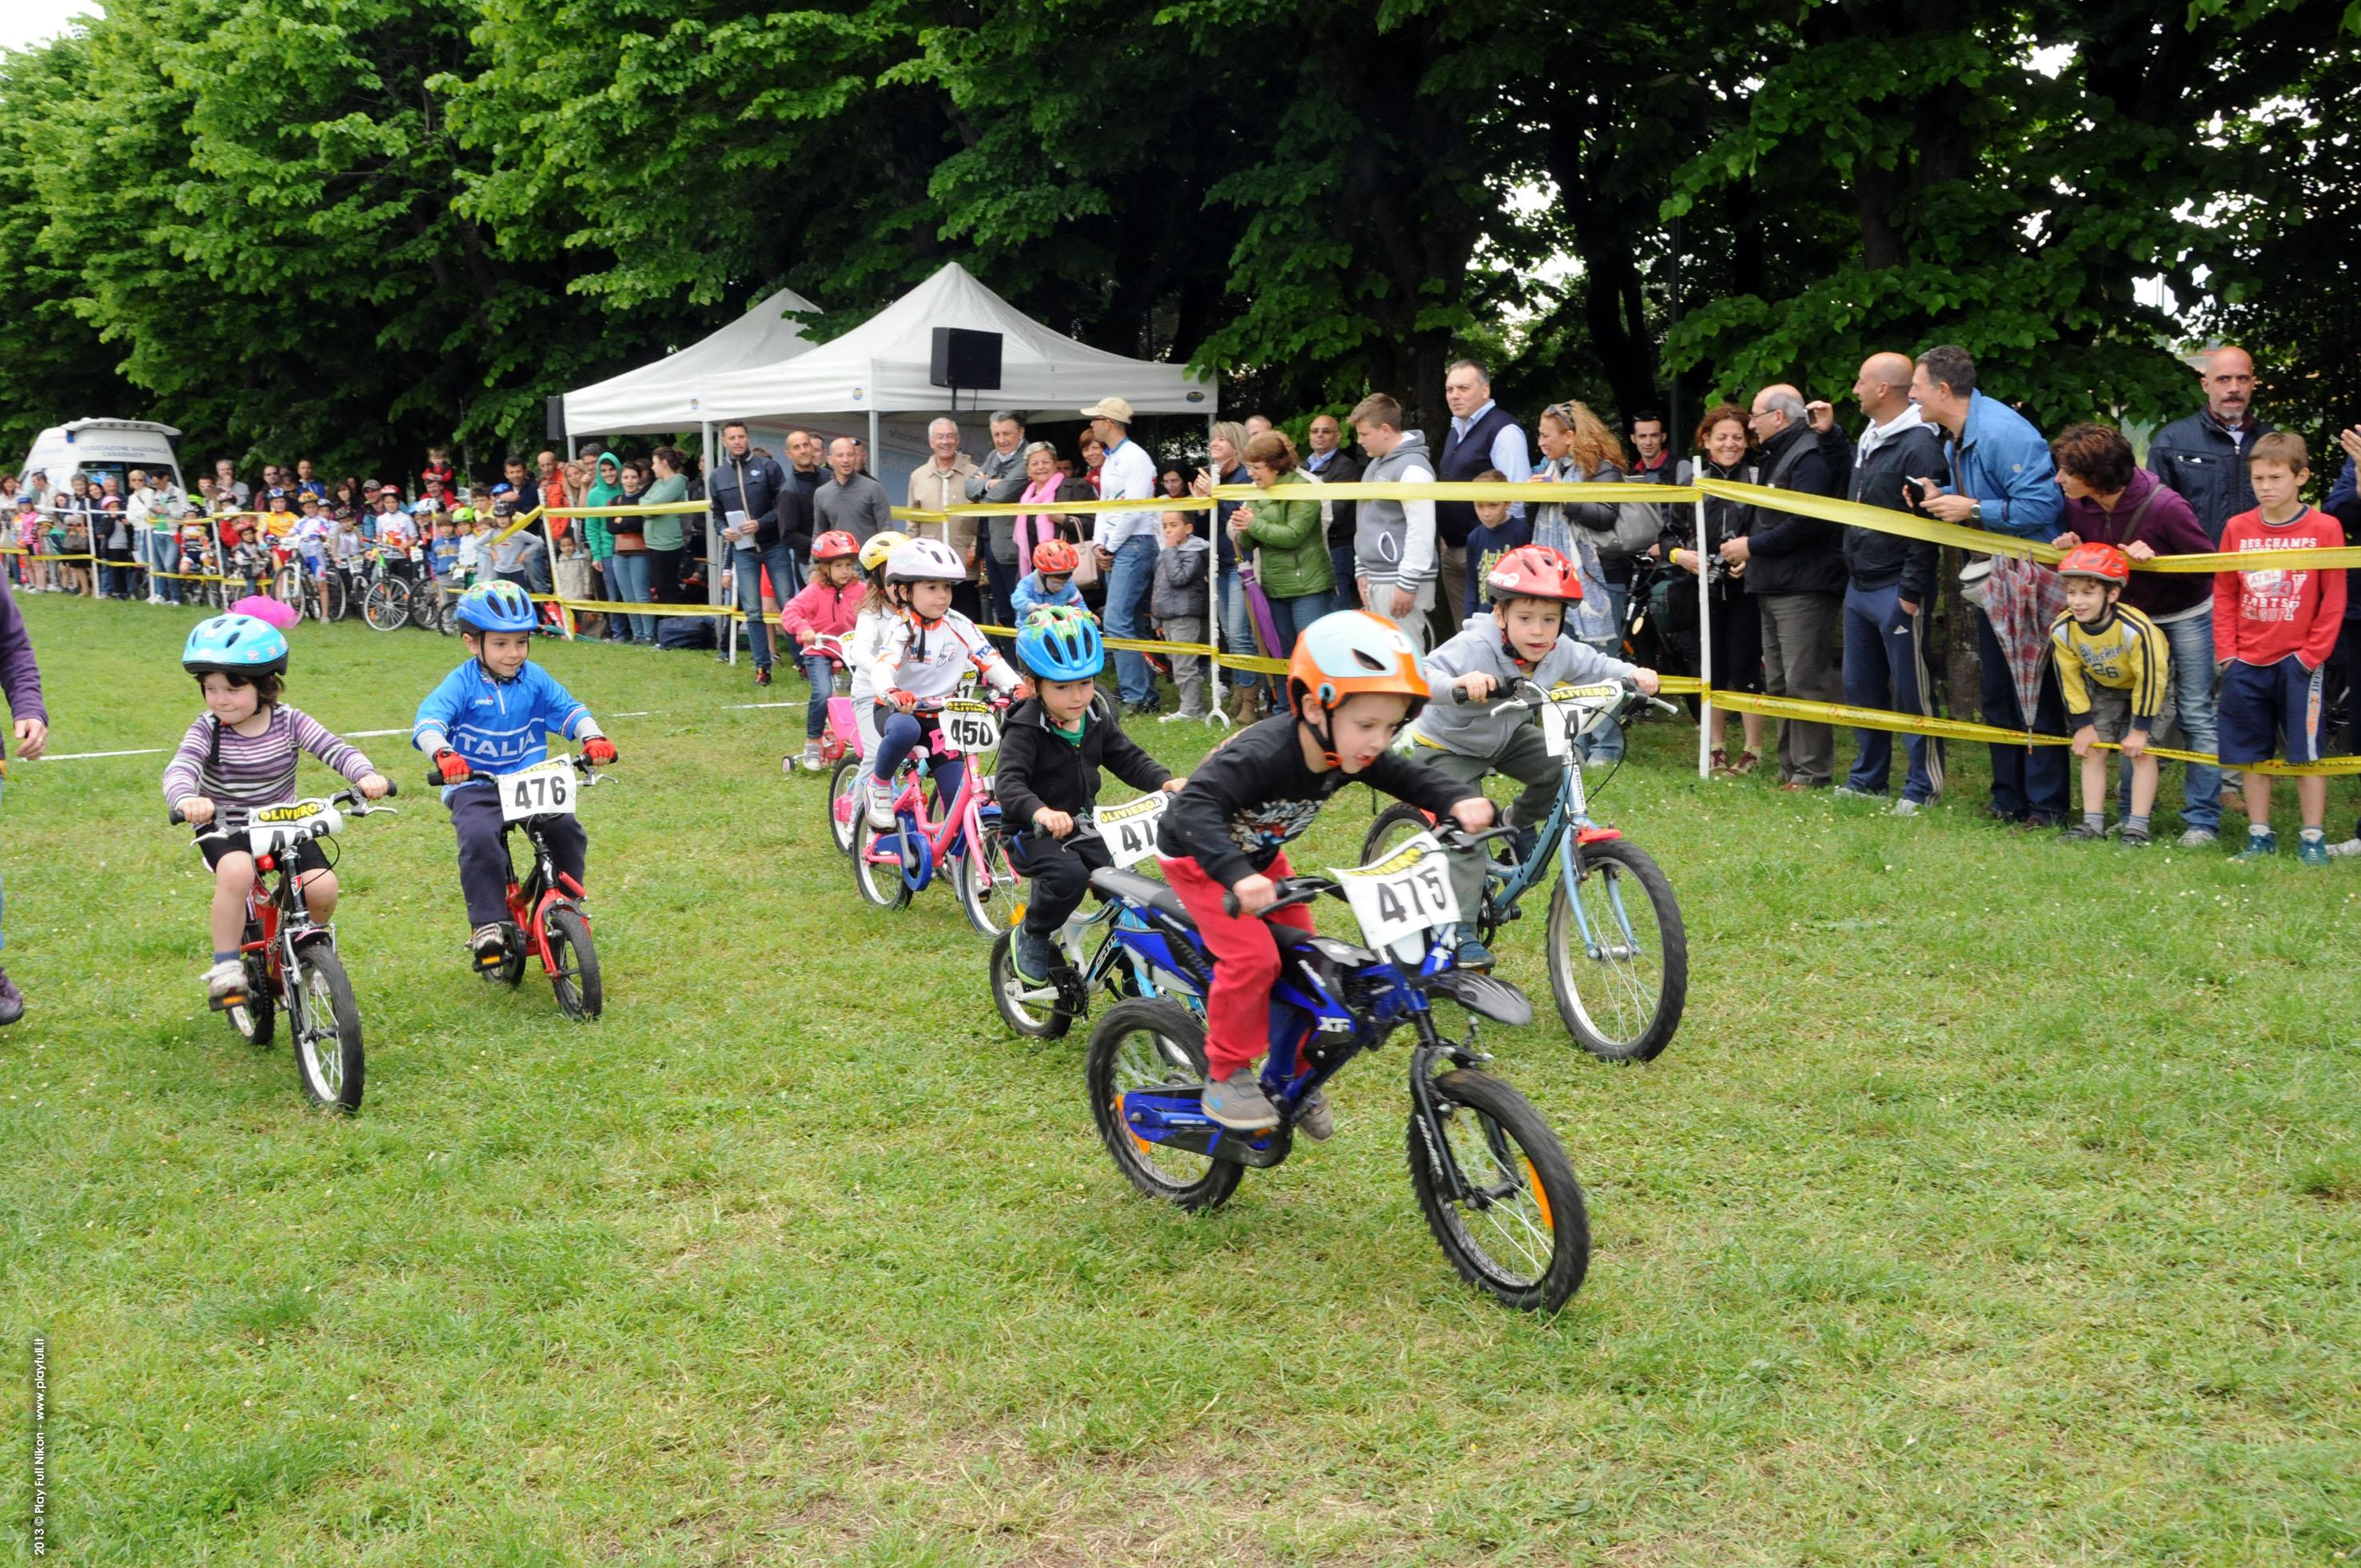 Folta la partecipazione alla Baby Bike